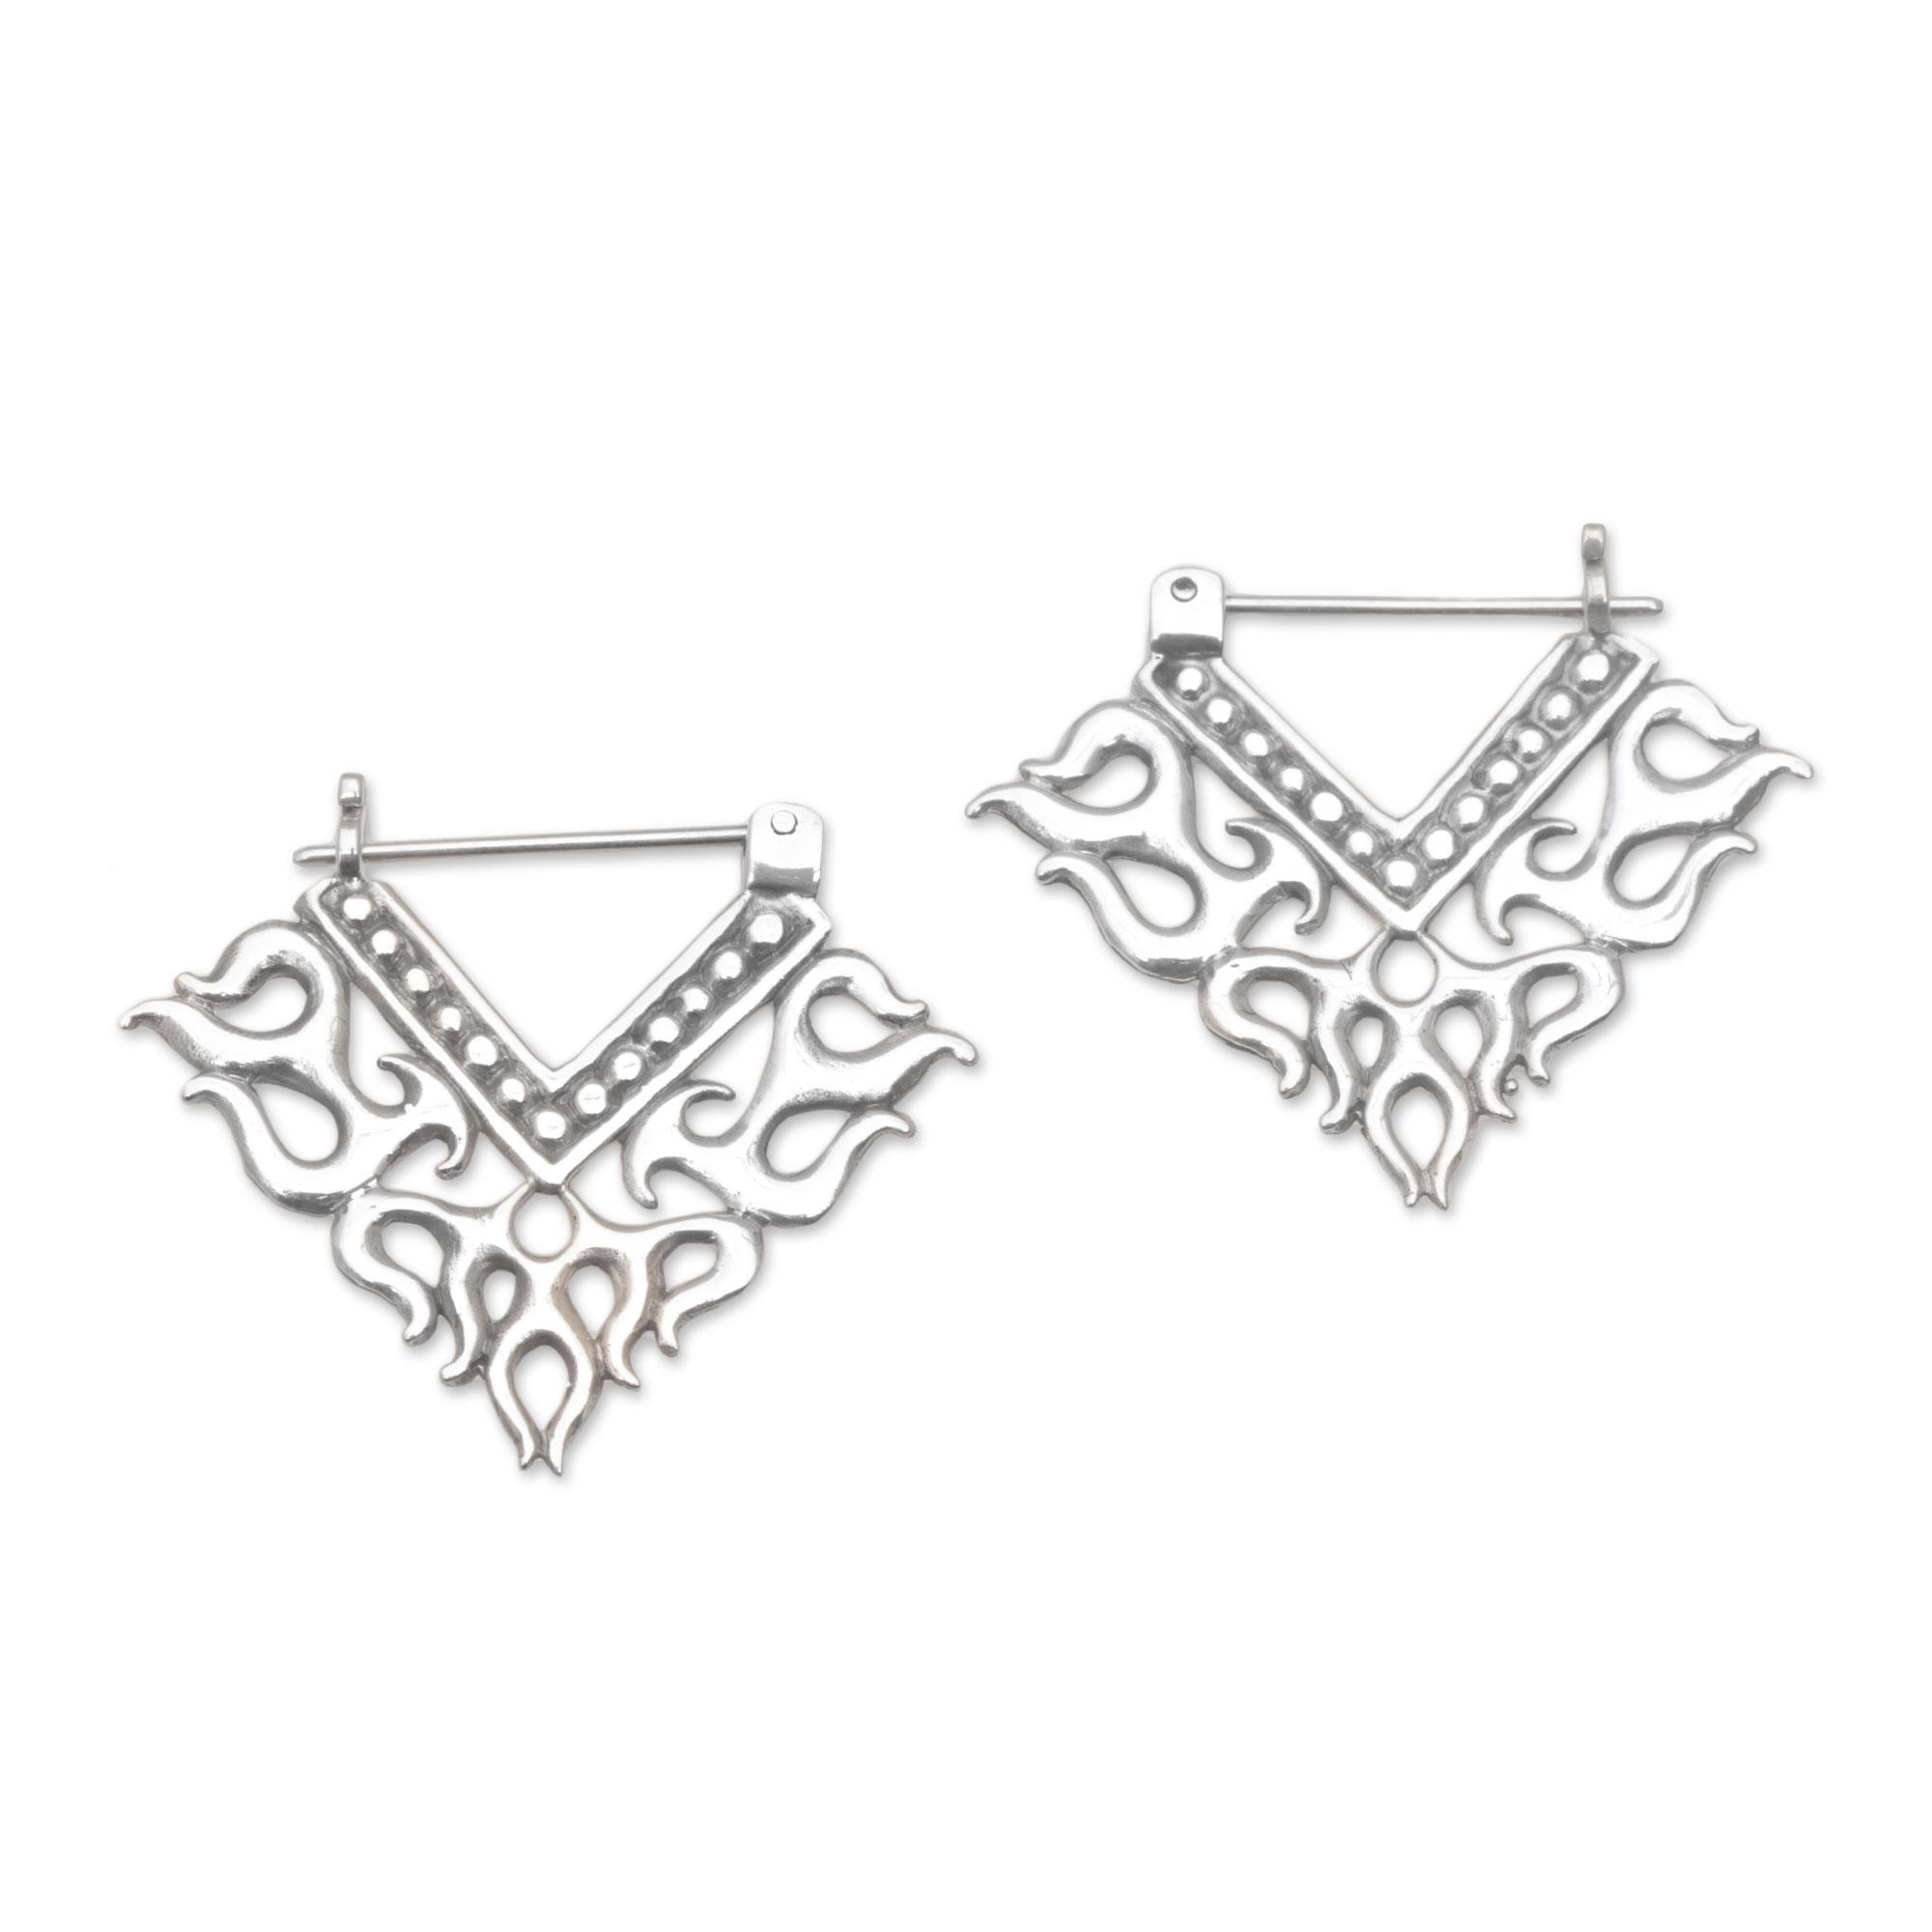 f5717e529 Kiva Store   Tribal Style Sterling Silver Hoop Earrings from Bali ...